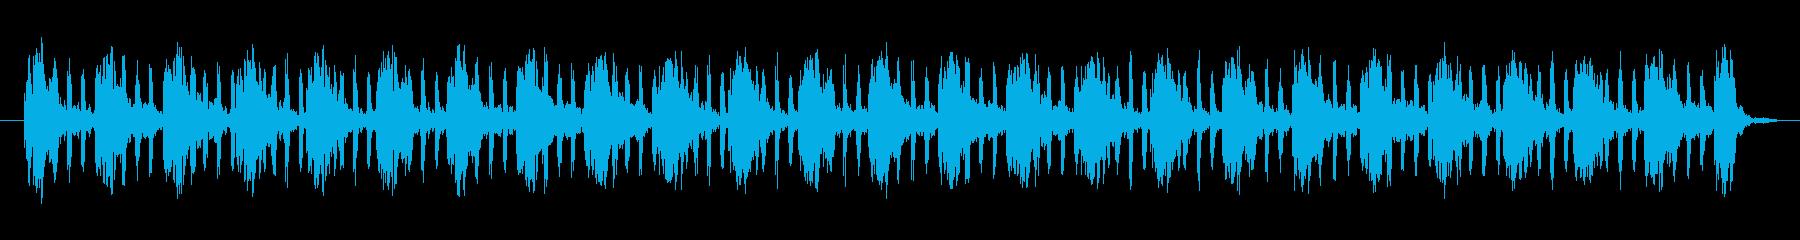 パワーハムパルスノイズの再生済みの波形